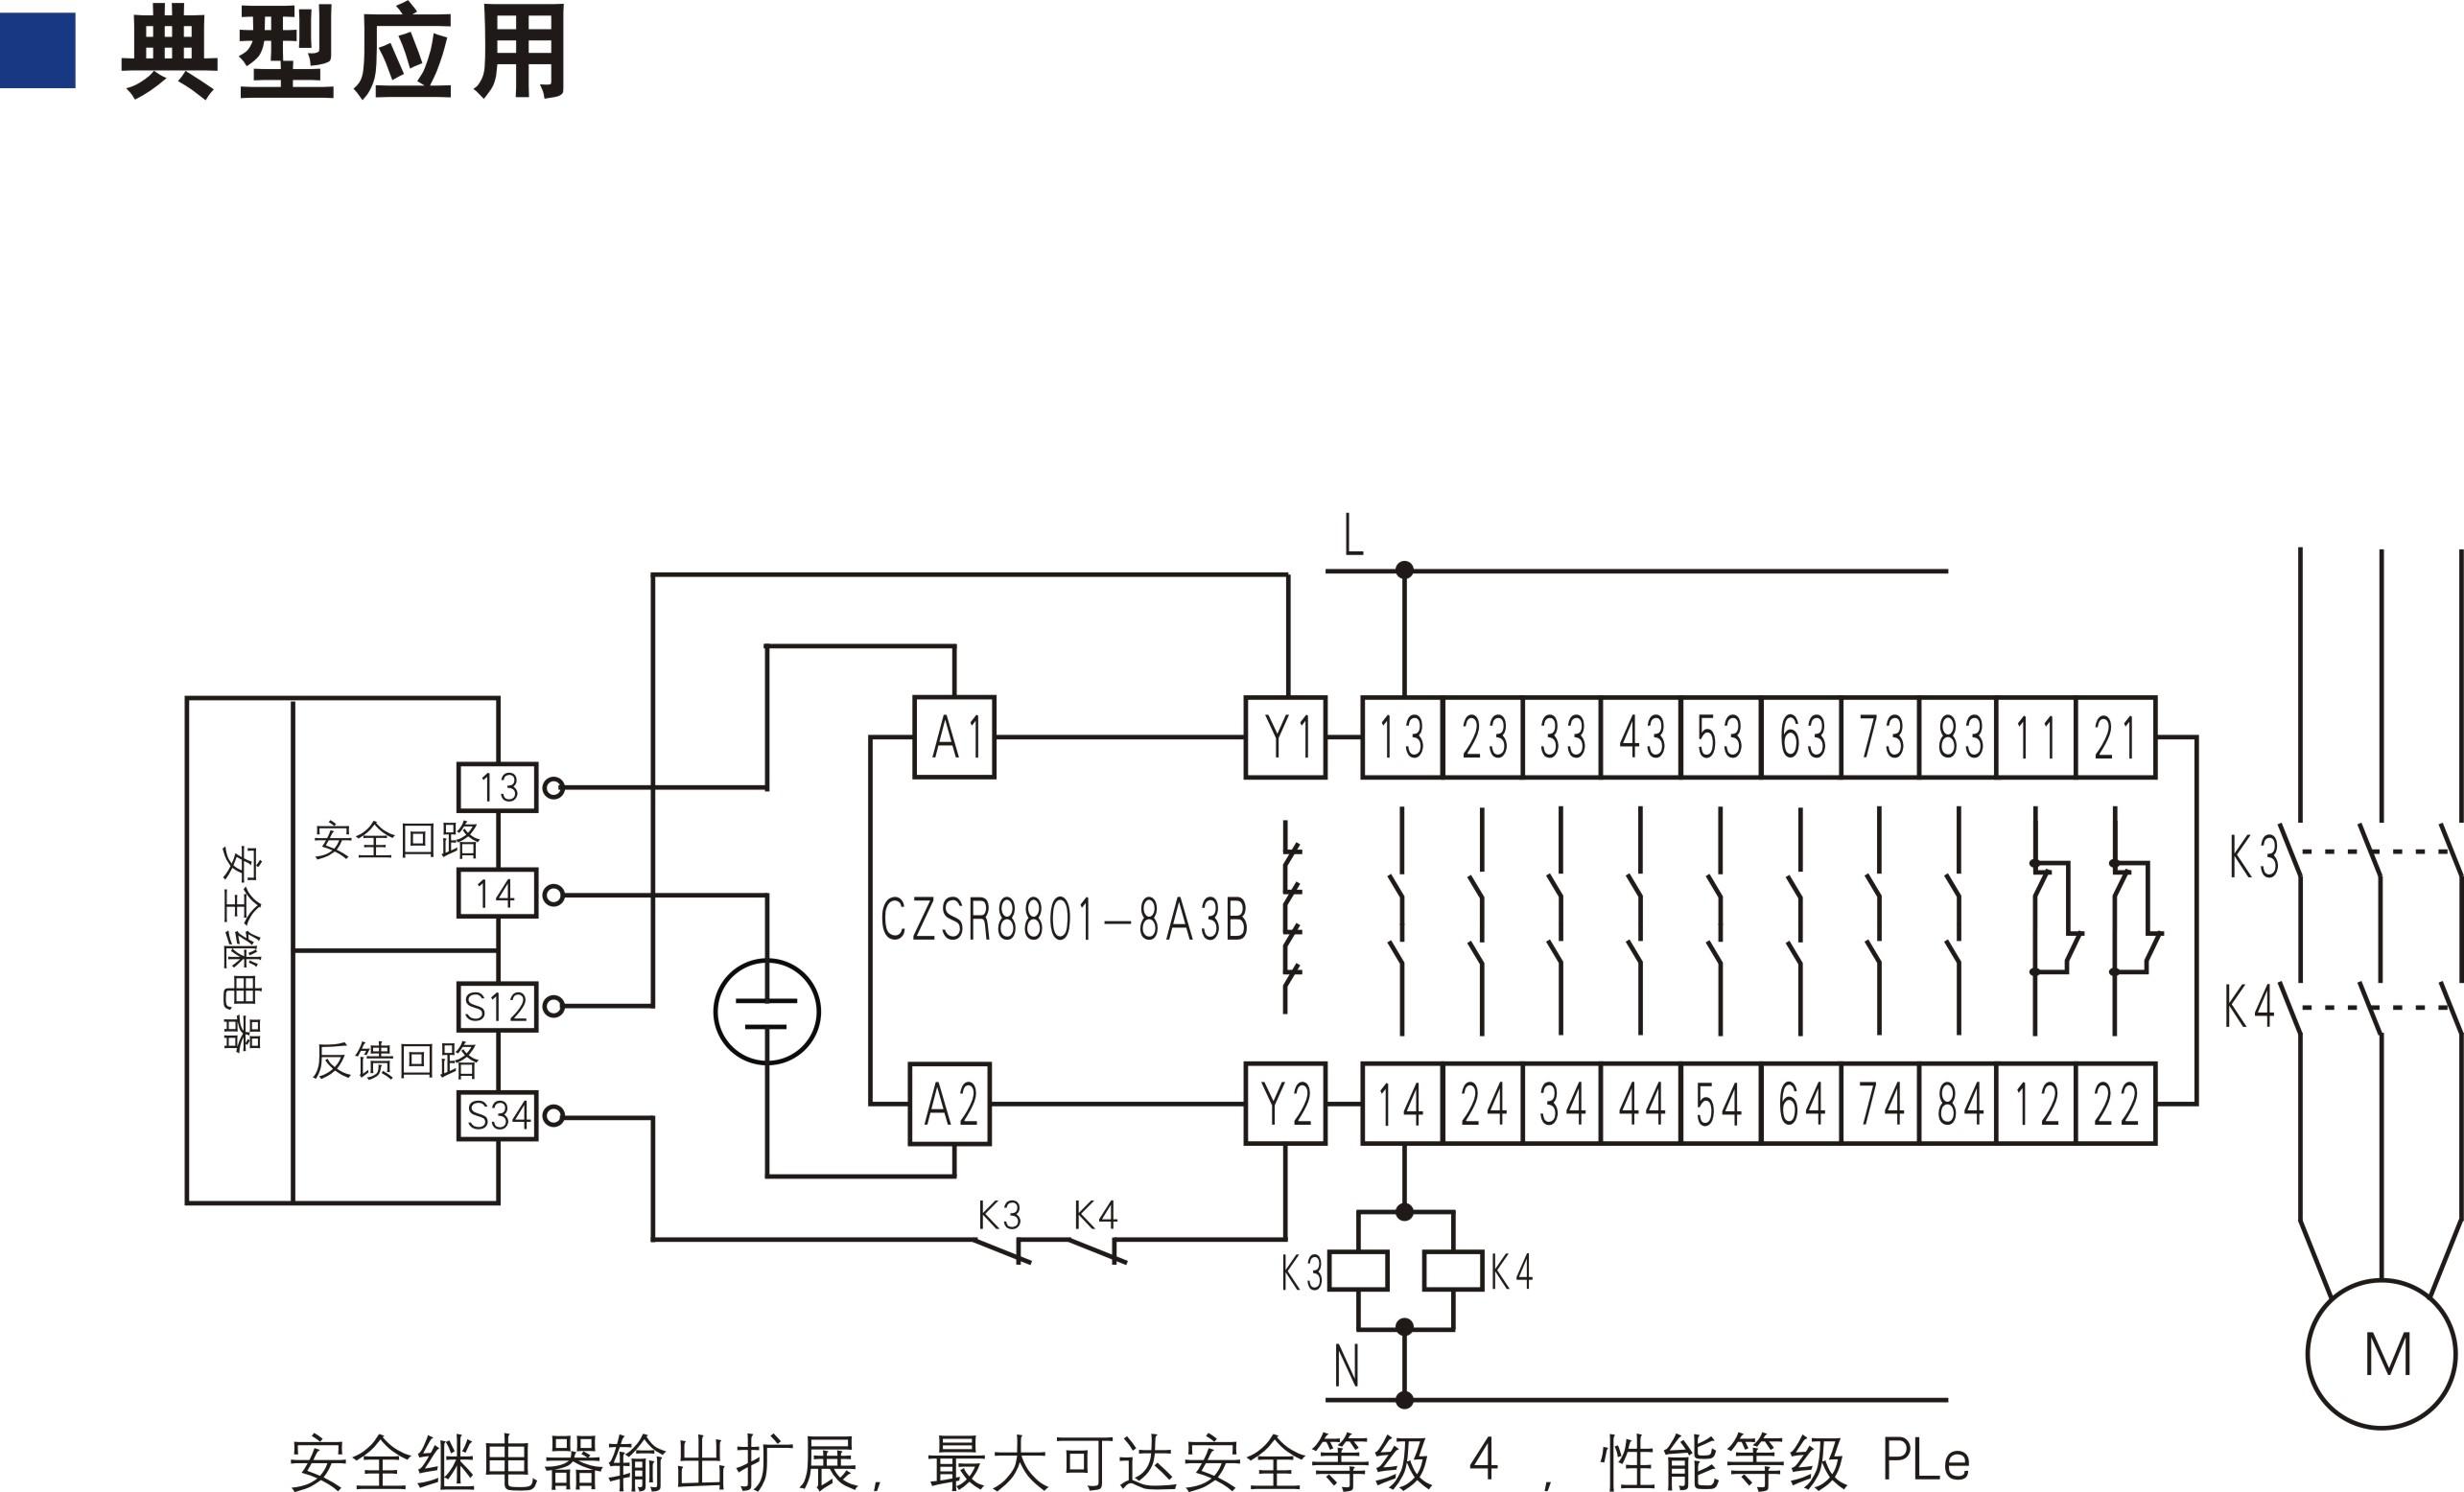 开关型安全设备输入 (输出扩展 24V DC 8NO+3NC 自动/手动复位)